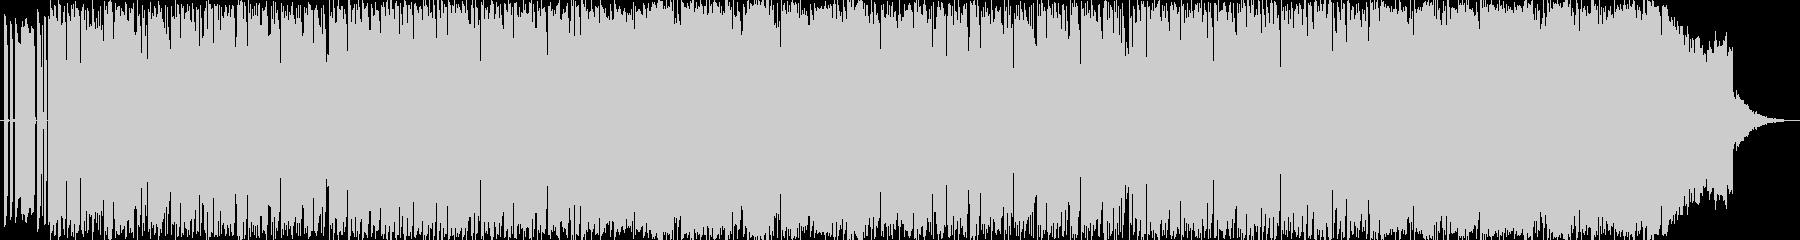 スピード感のあるテクノ風BGMの未再生の波形